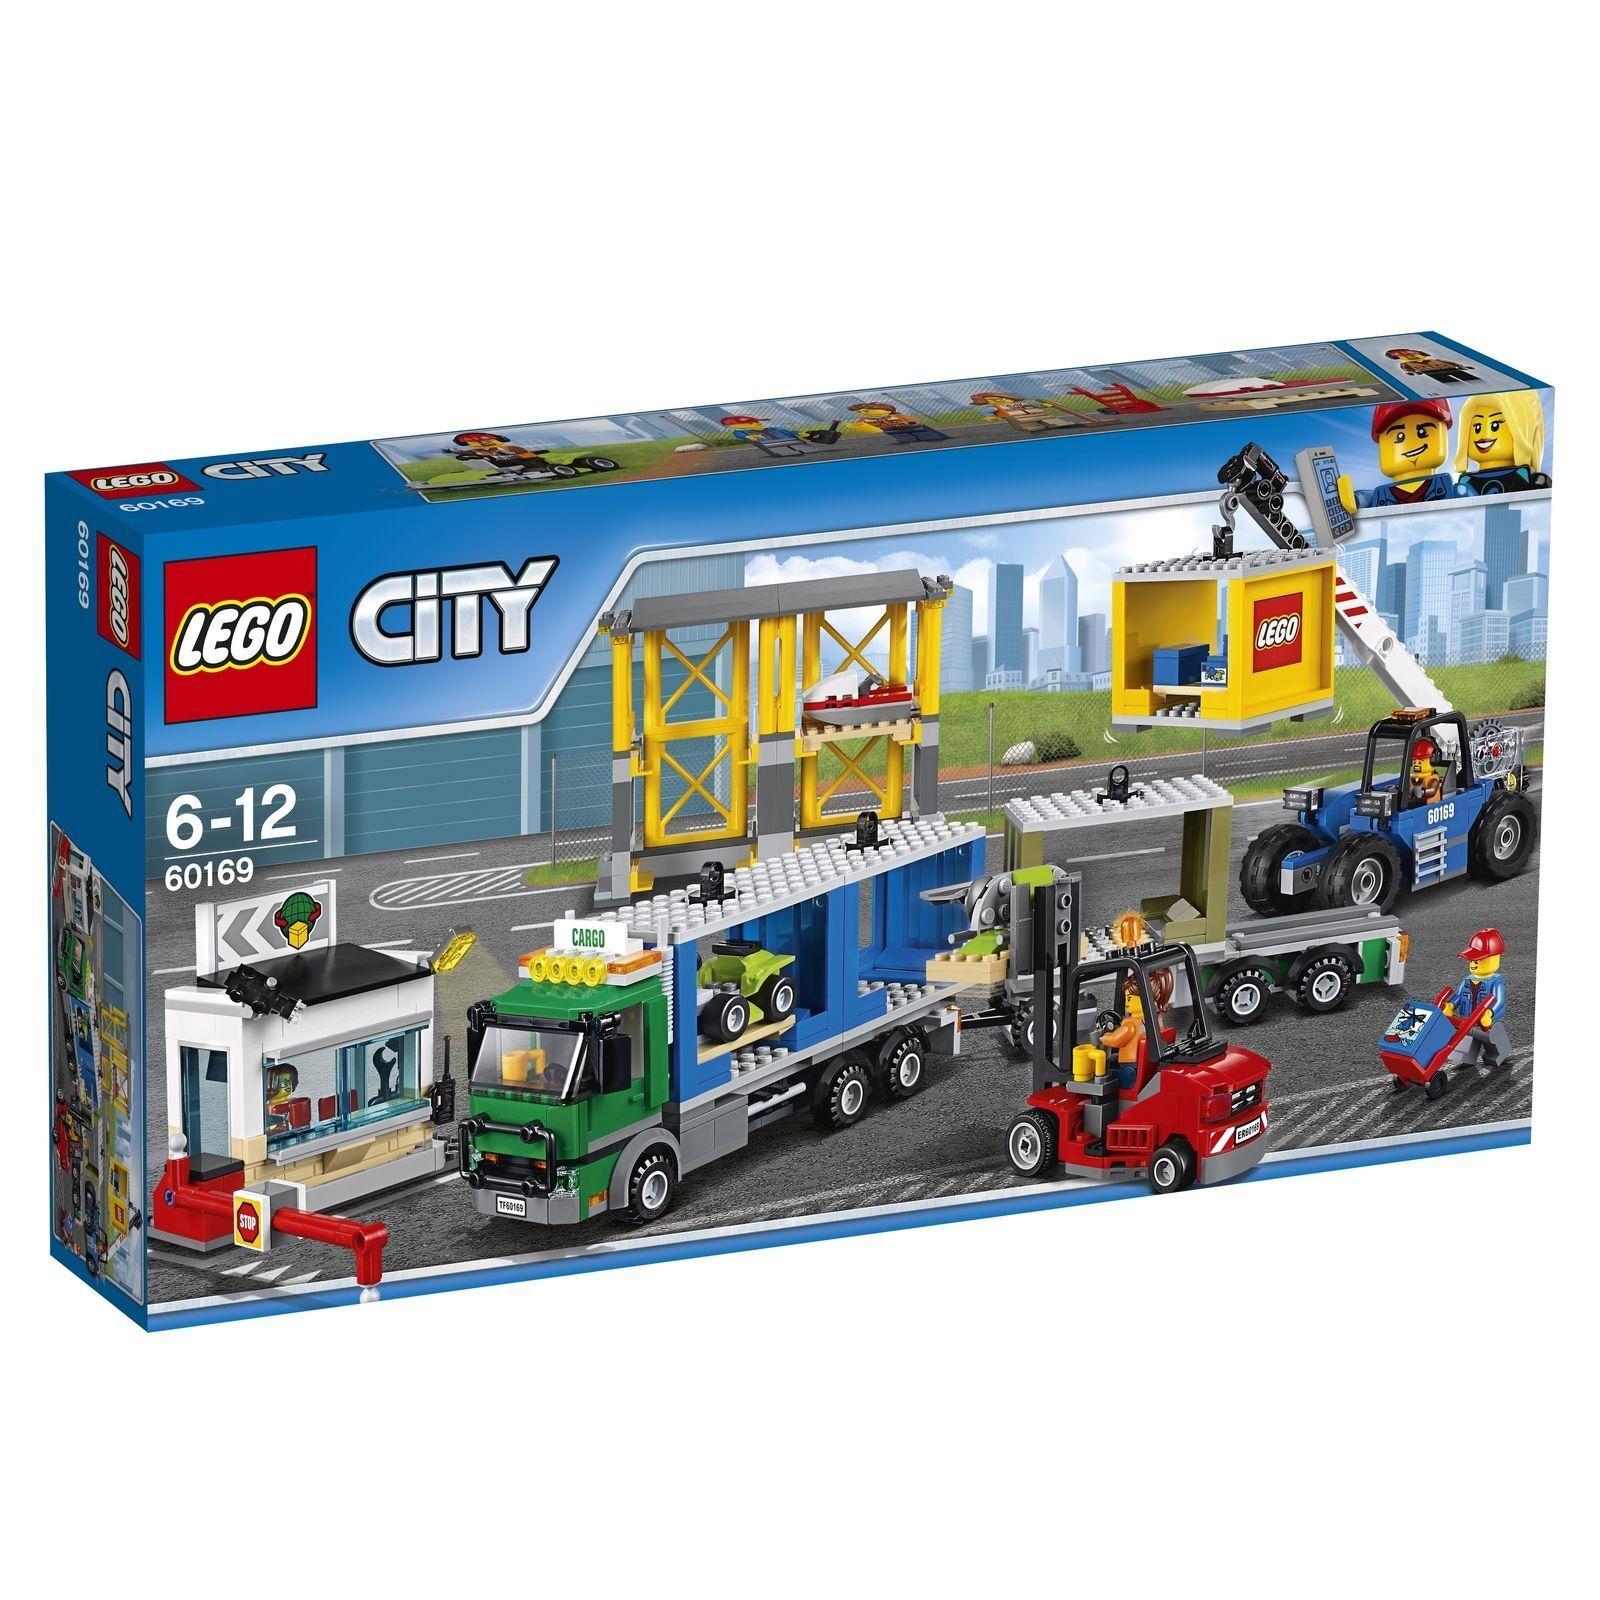 LEGO ® City 60169  FRET Terminal  GARE PORT camion conteneur Nouveau Neuf dans sa boîte New En parfait état, dans sa boîte scellée